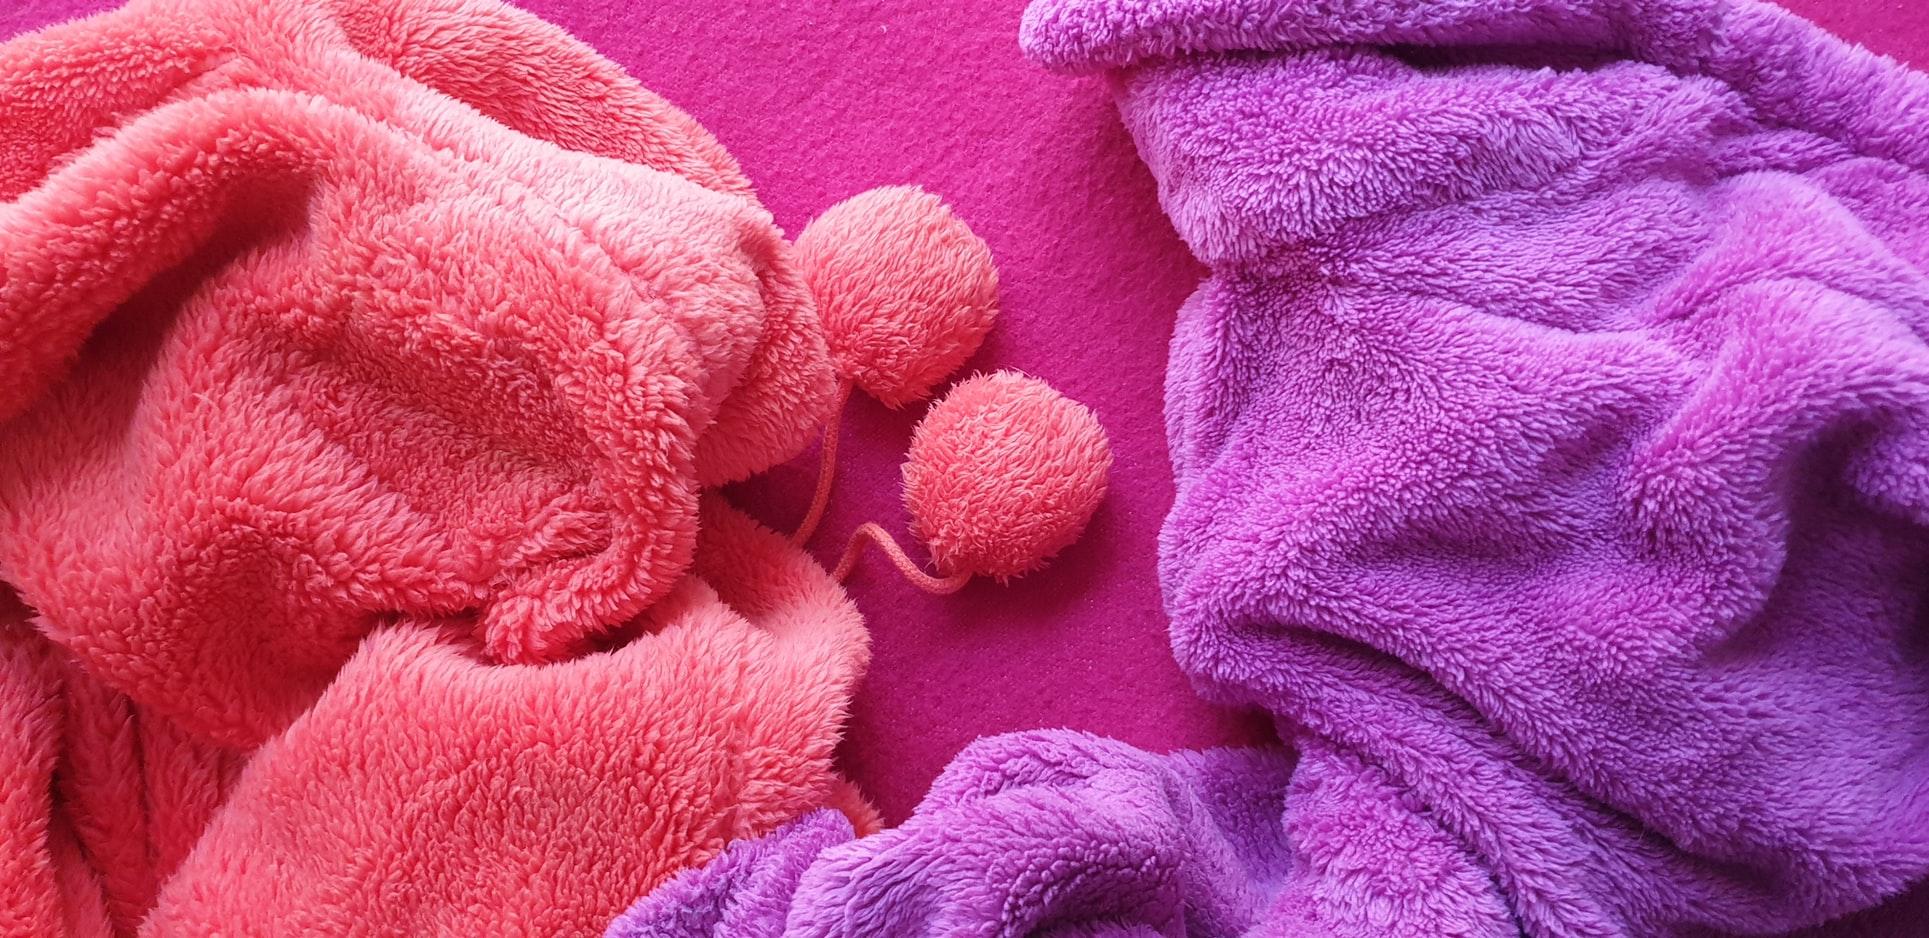 Dlaczego turban lub ręcznik przestał chłonąć wodę z włosów